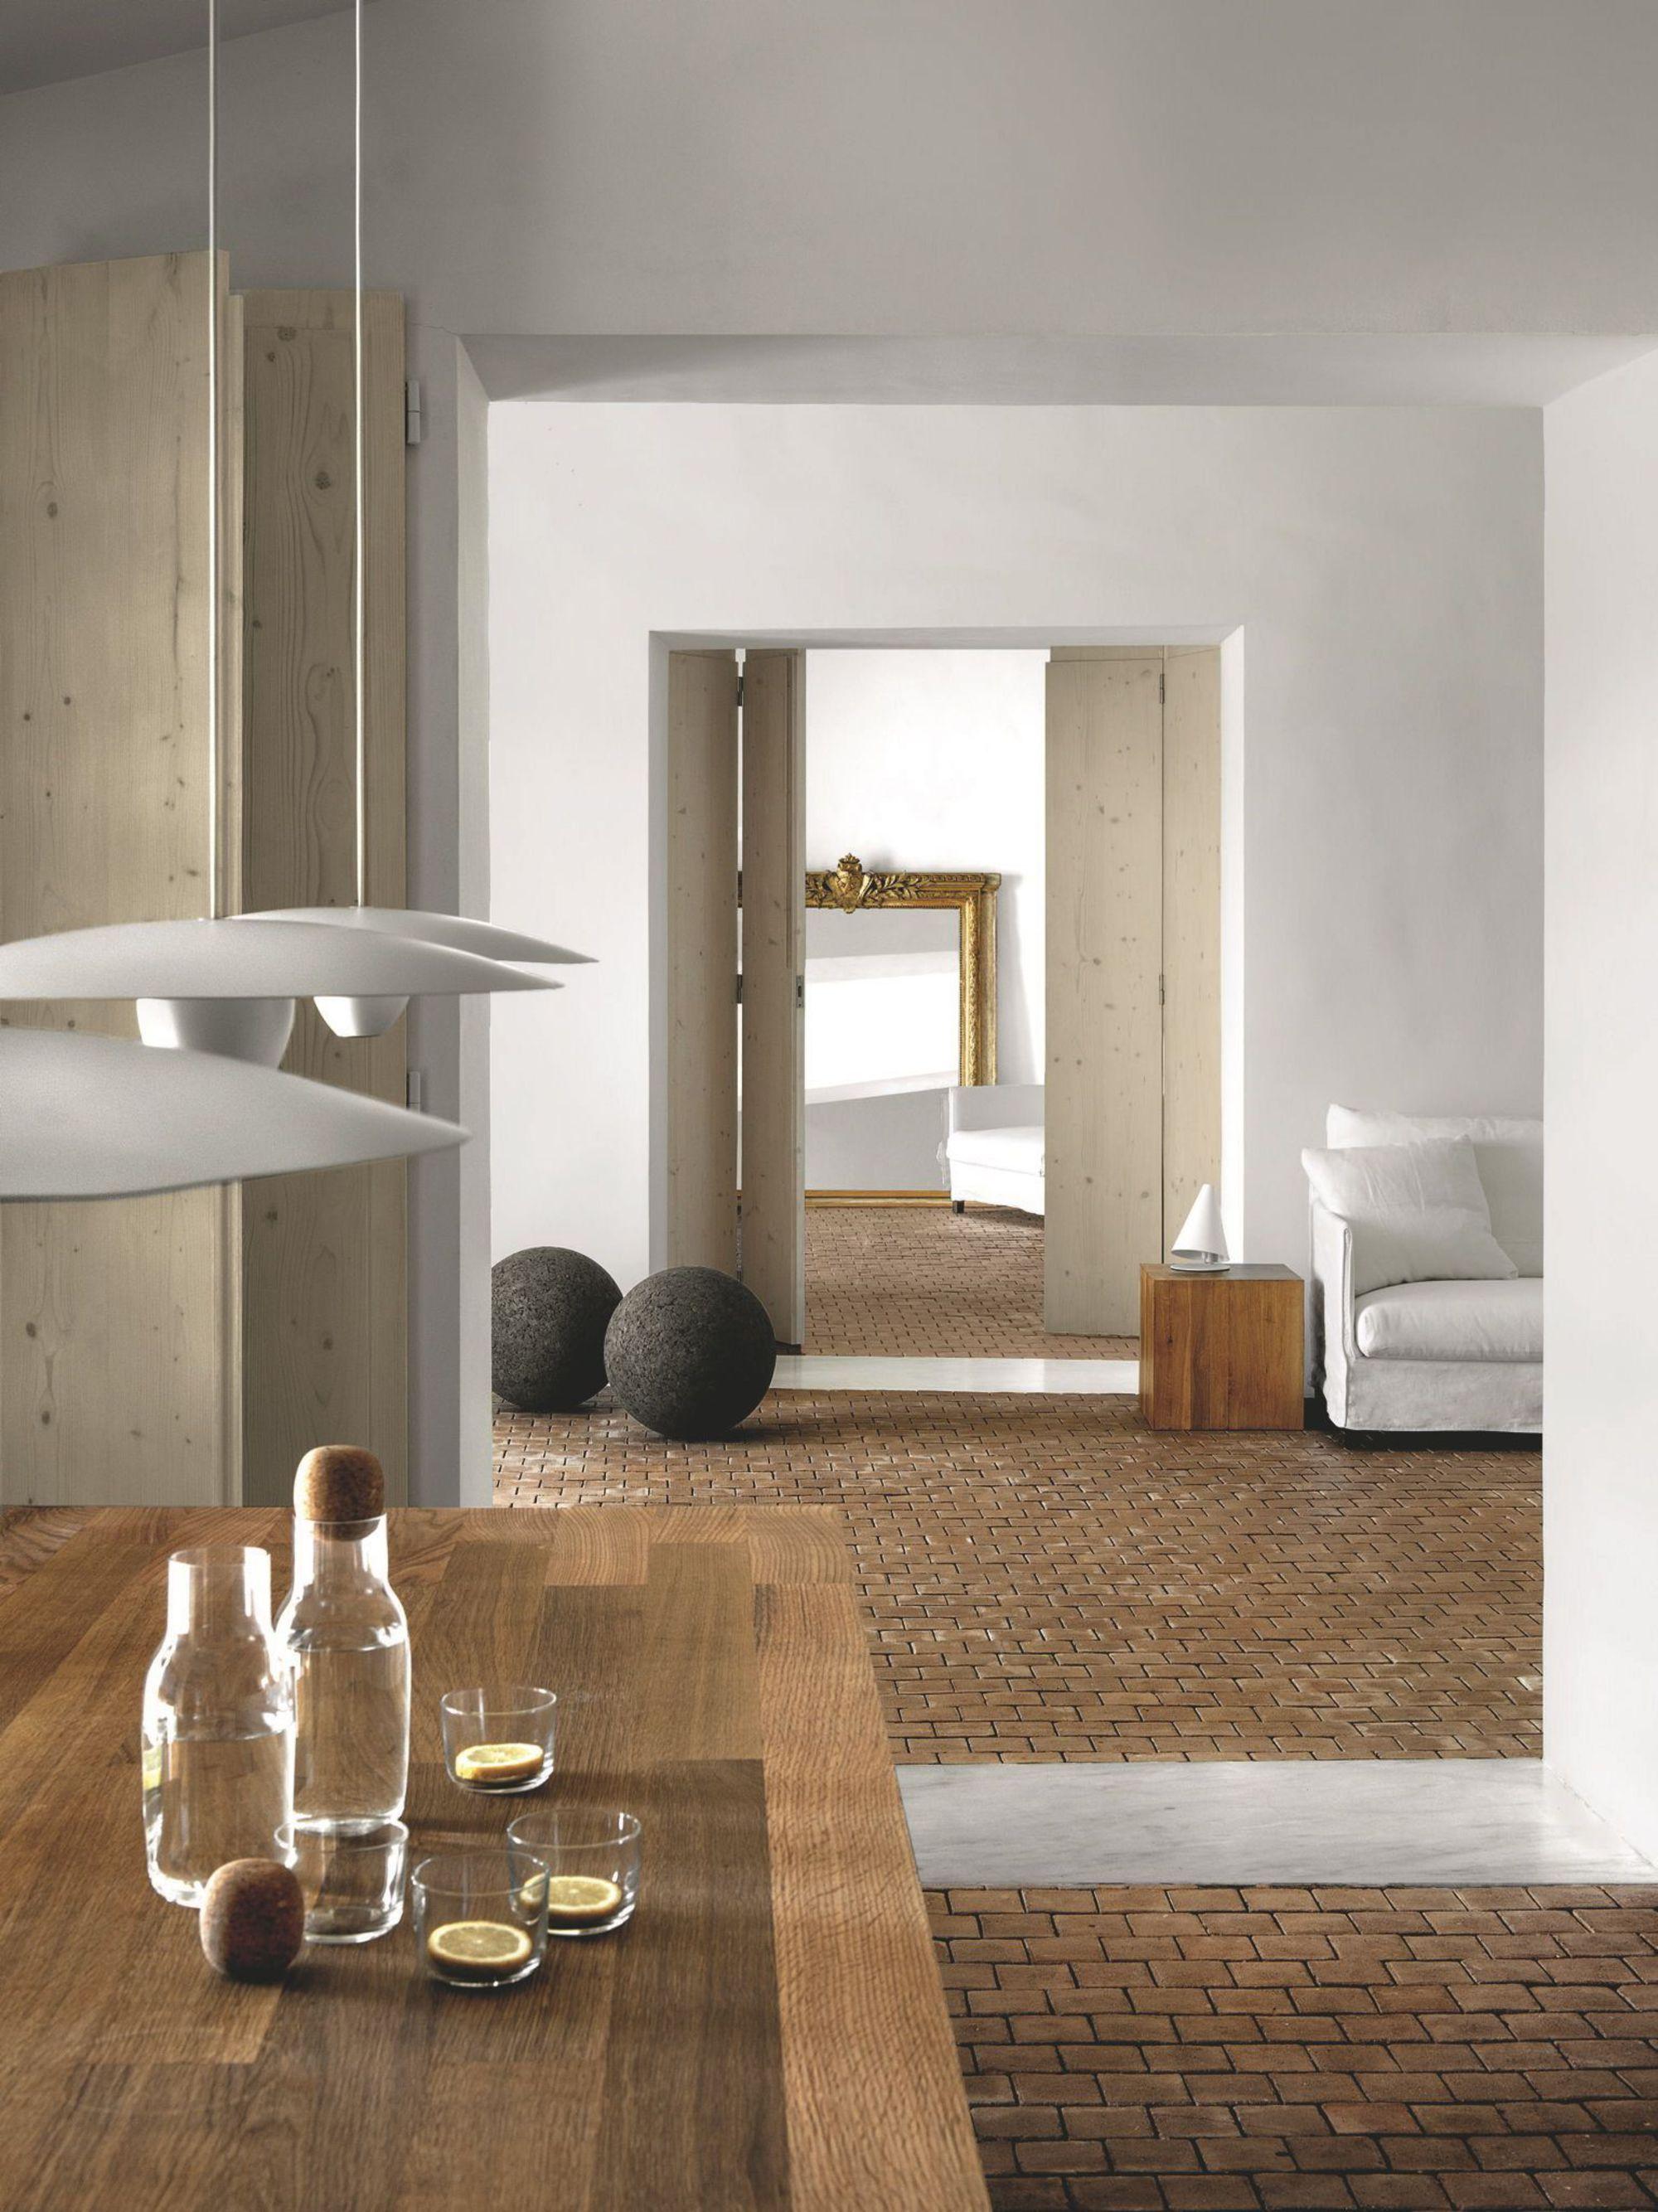 rue de la d co casa no tempo casa en el tiempo et. Black Bedroom Furniture Sets. Home Design Ideas